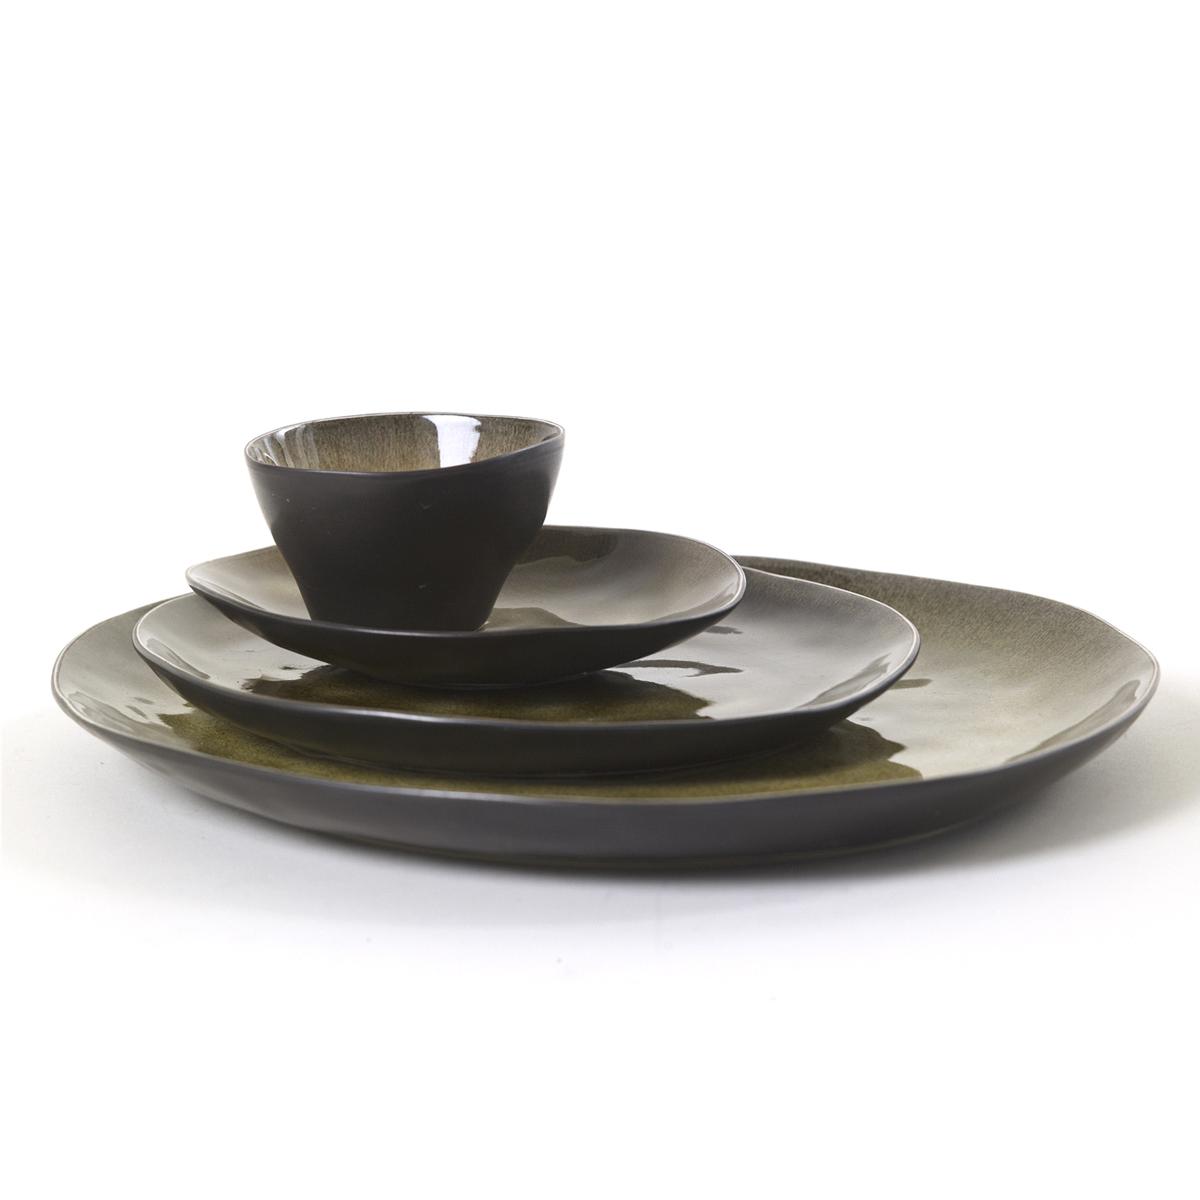 Pure pascale naessens serax evolution design accessoires for Design accessoires